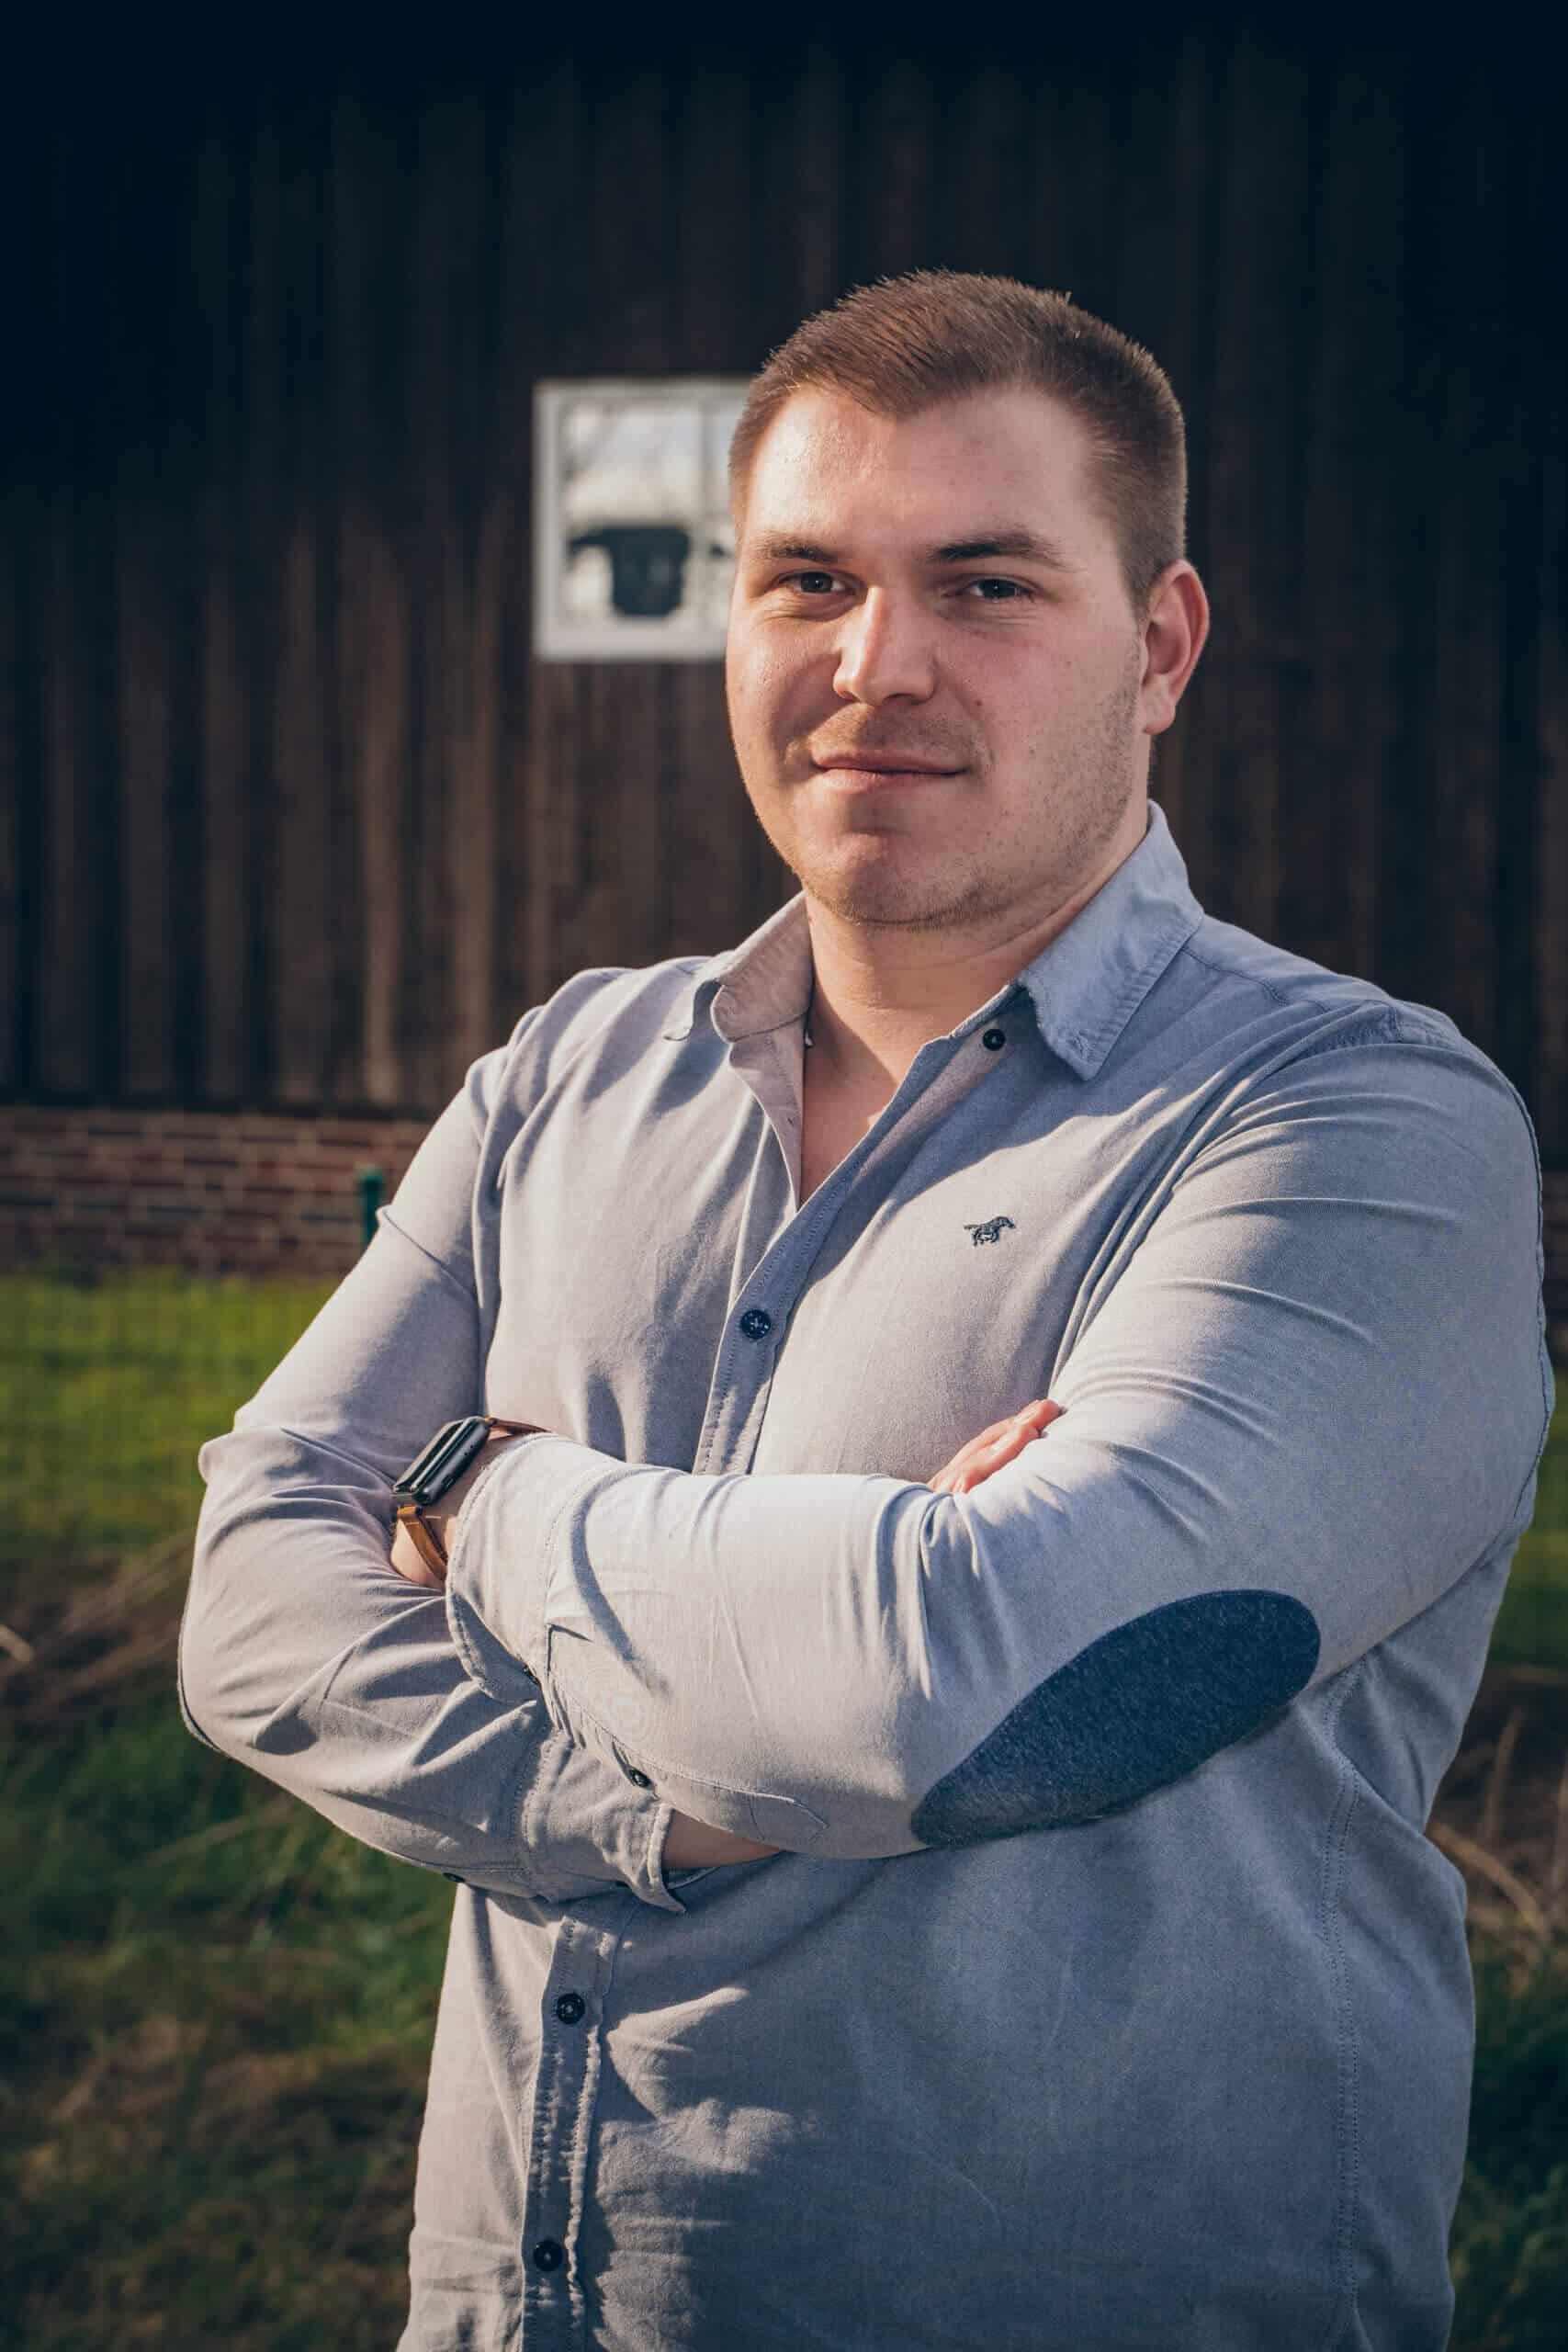 SturmSignal Alex Wagner EDV scaled Online-Marketing Agentur Cloppenburg Niedersachsen